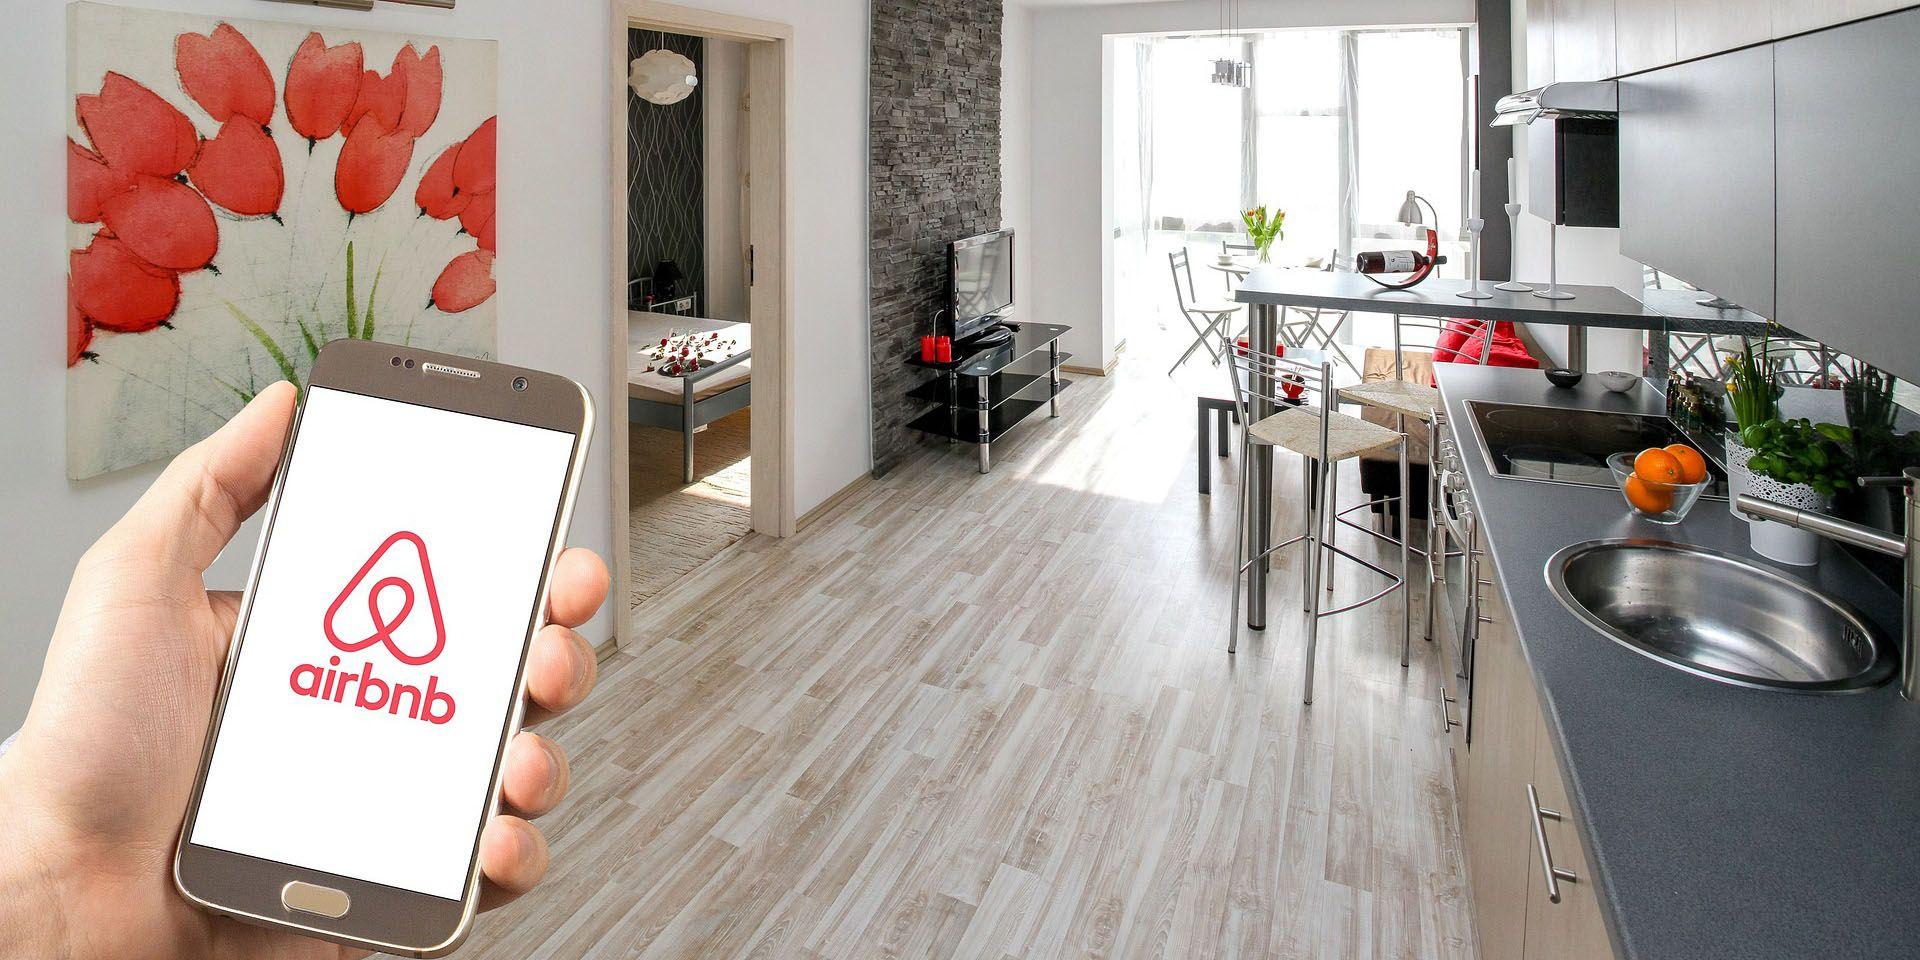 Airbnb: nuove regole per attività fuori dalla piattaforma